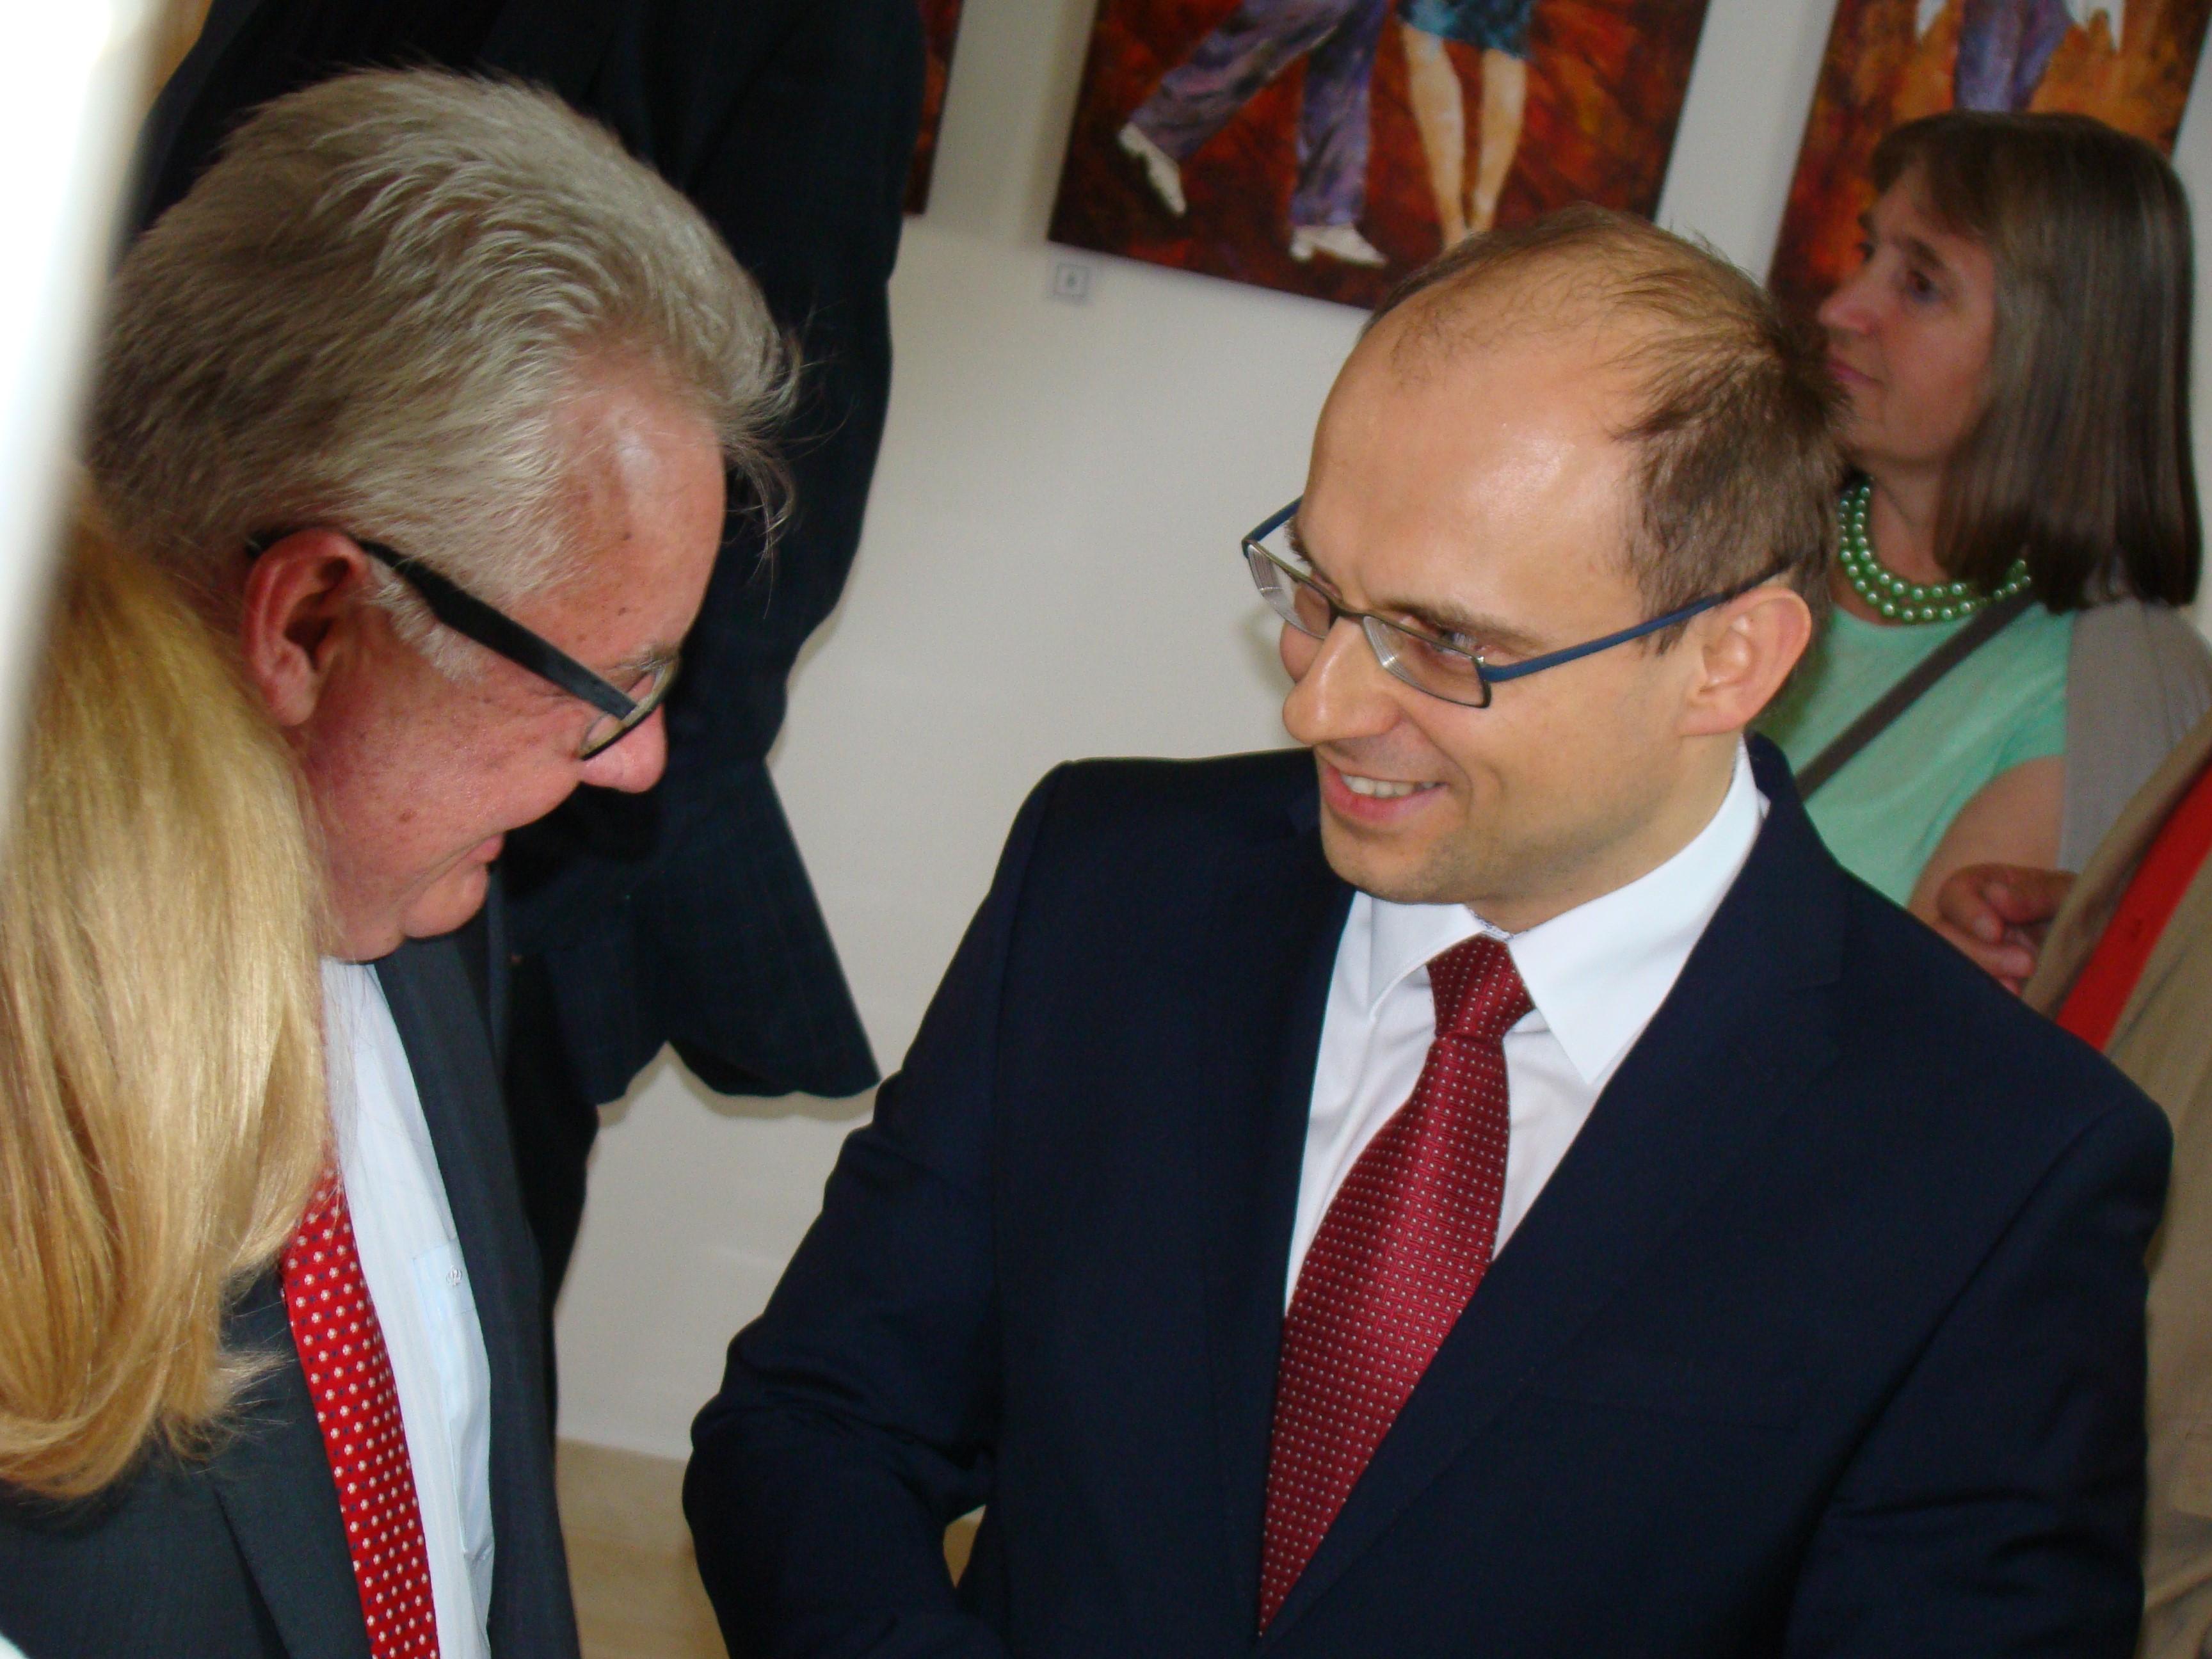 Konsul Kaczorowski, A. Radwan